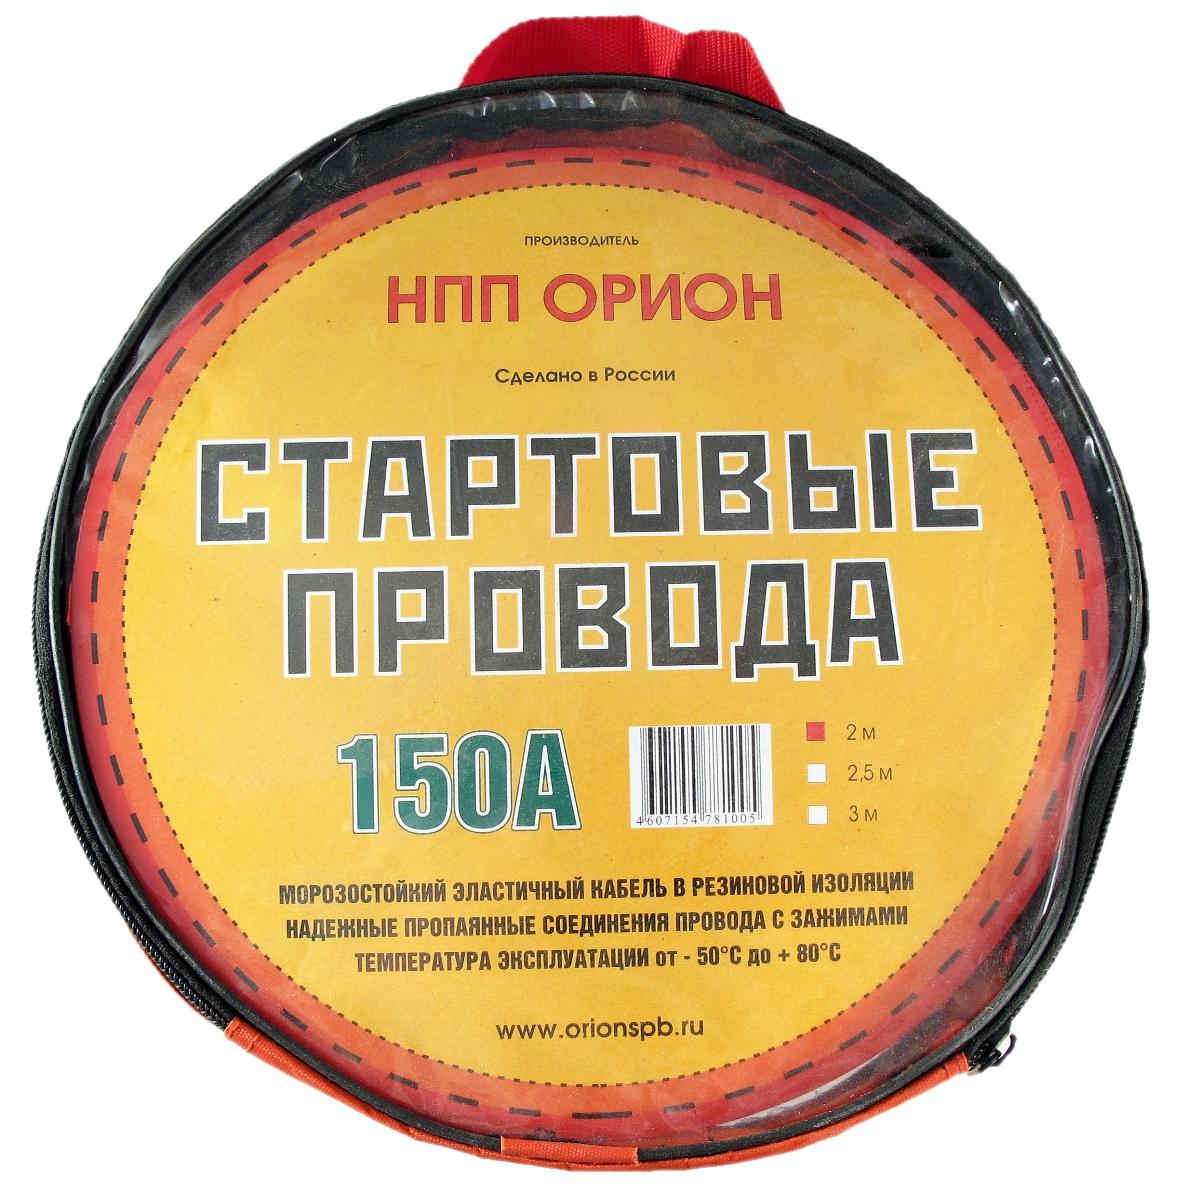 Стартовые провода Орион, хладостойкие, в сумке, 150А, 2 м5035НАЗНАЧЕНИЕ Стартовые провода предназначены для соединения одноименных клемм аккумуляторов автомобилей для того, чтобы осуществить дополнительную подпитку стартера в автомобиле с разряженной аккумуляторной батареей или загустевшим от мороза маслом. Применяются для запуска двигателей легковых и грузовых автомобилей при низкой температуре воздуха в холодное время года, а также после длительного хранения автомобиля, вызвавшего саморазряд аккумуляторной батареи. ОСОБЕННОСТИ -Морозостойкий эластичный кабель в резиновой изоляции -Многожильный медный проводник -Полностью изолированные зажимы -Надежные пропаянные соединения провода с зажимами -Температура эксплуатации от - 50° С до + 80° С